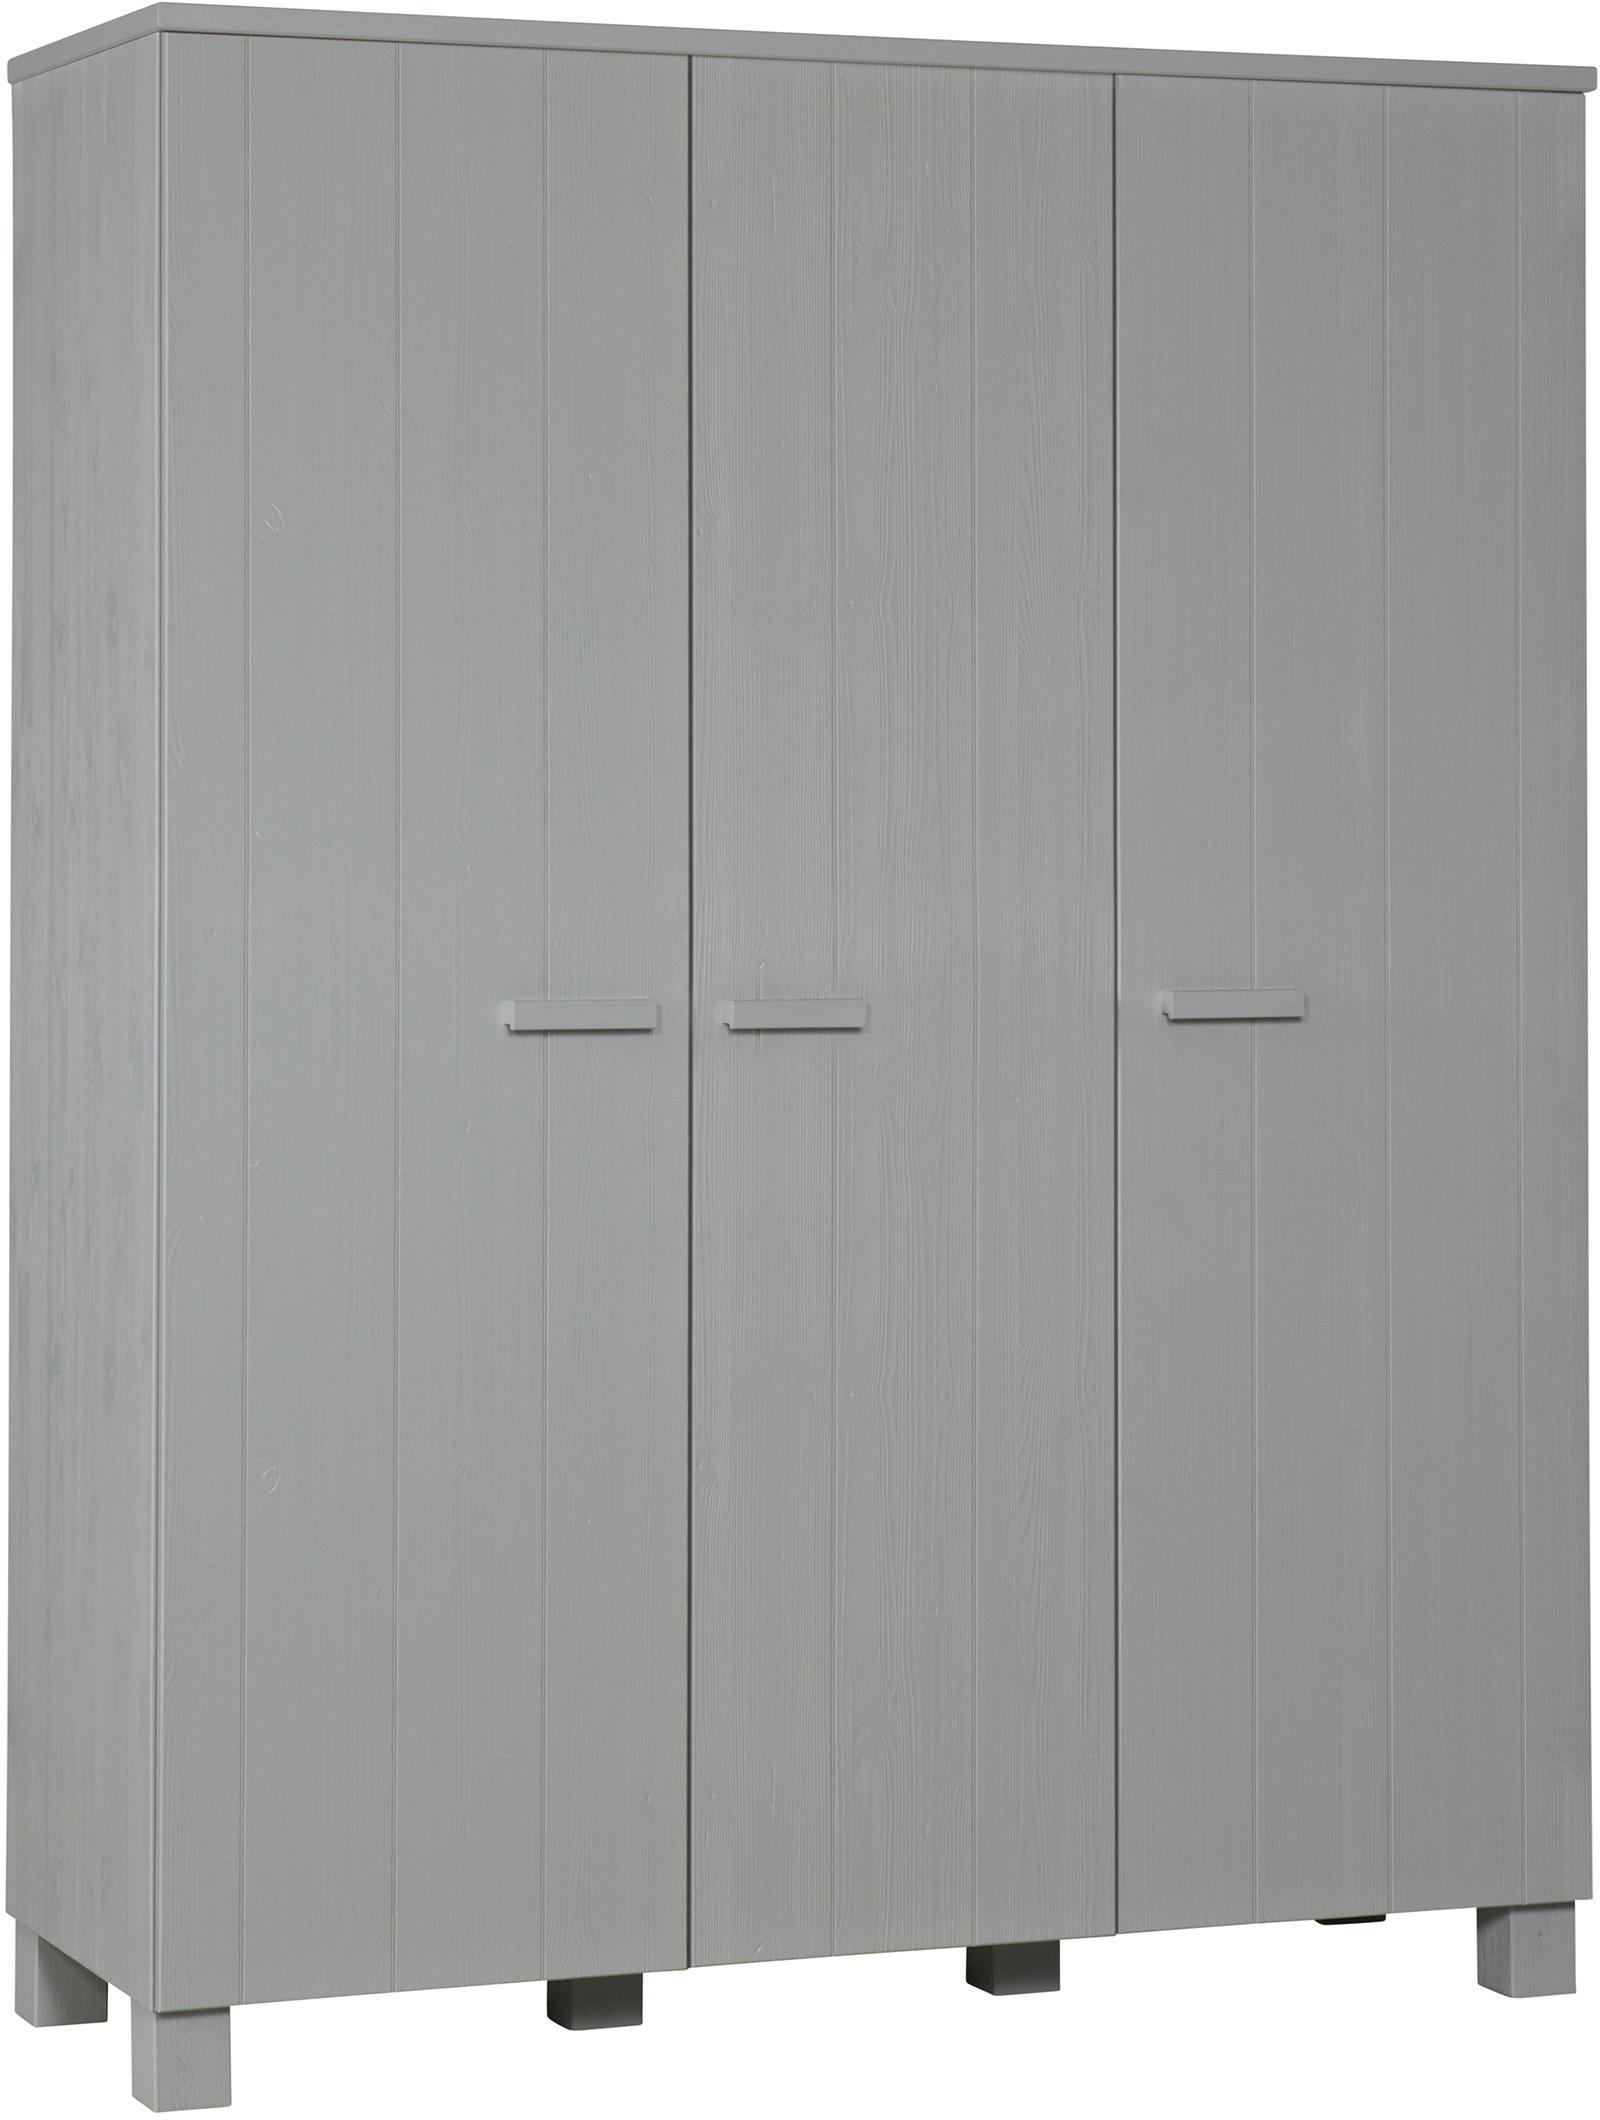 Armadio Dennis, Legno di pino, spazzolato e verniciato, Grigio cemento, Larg. 158 x Alt. 202 cm